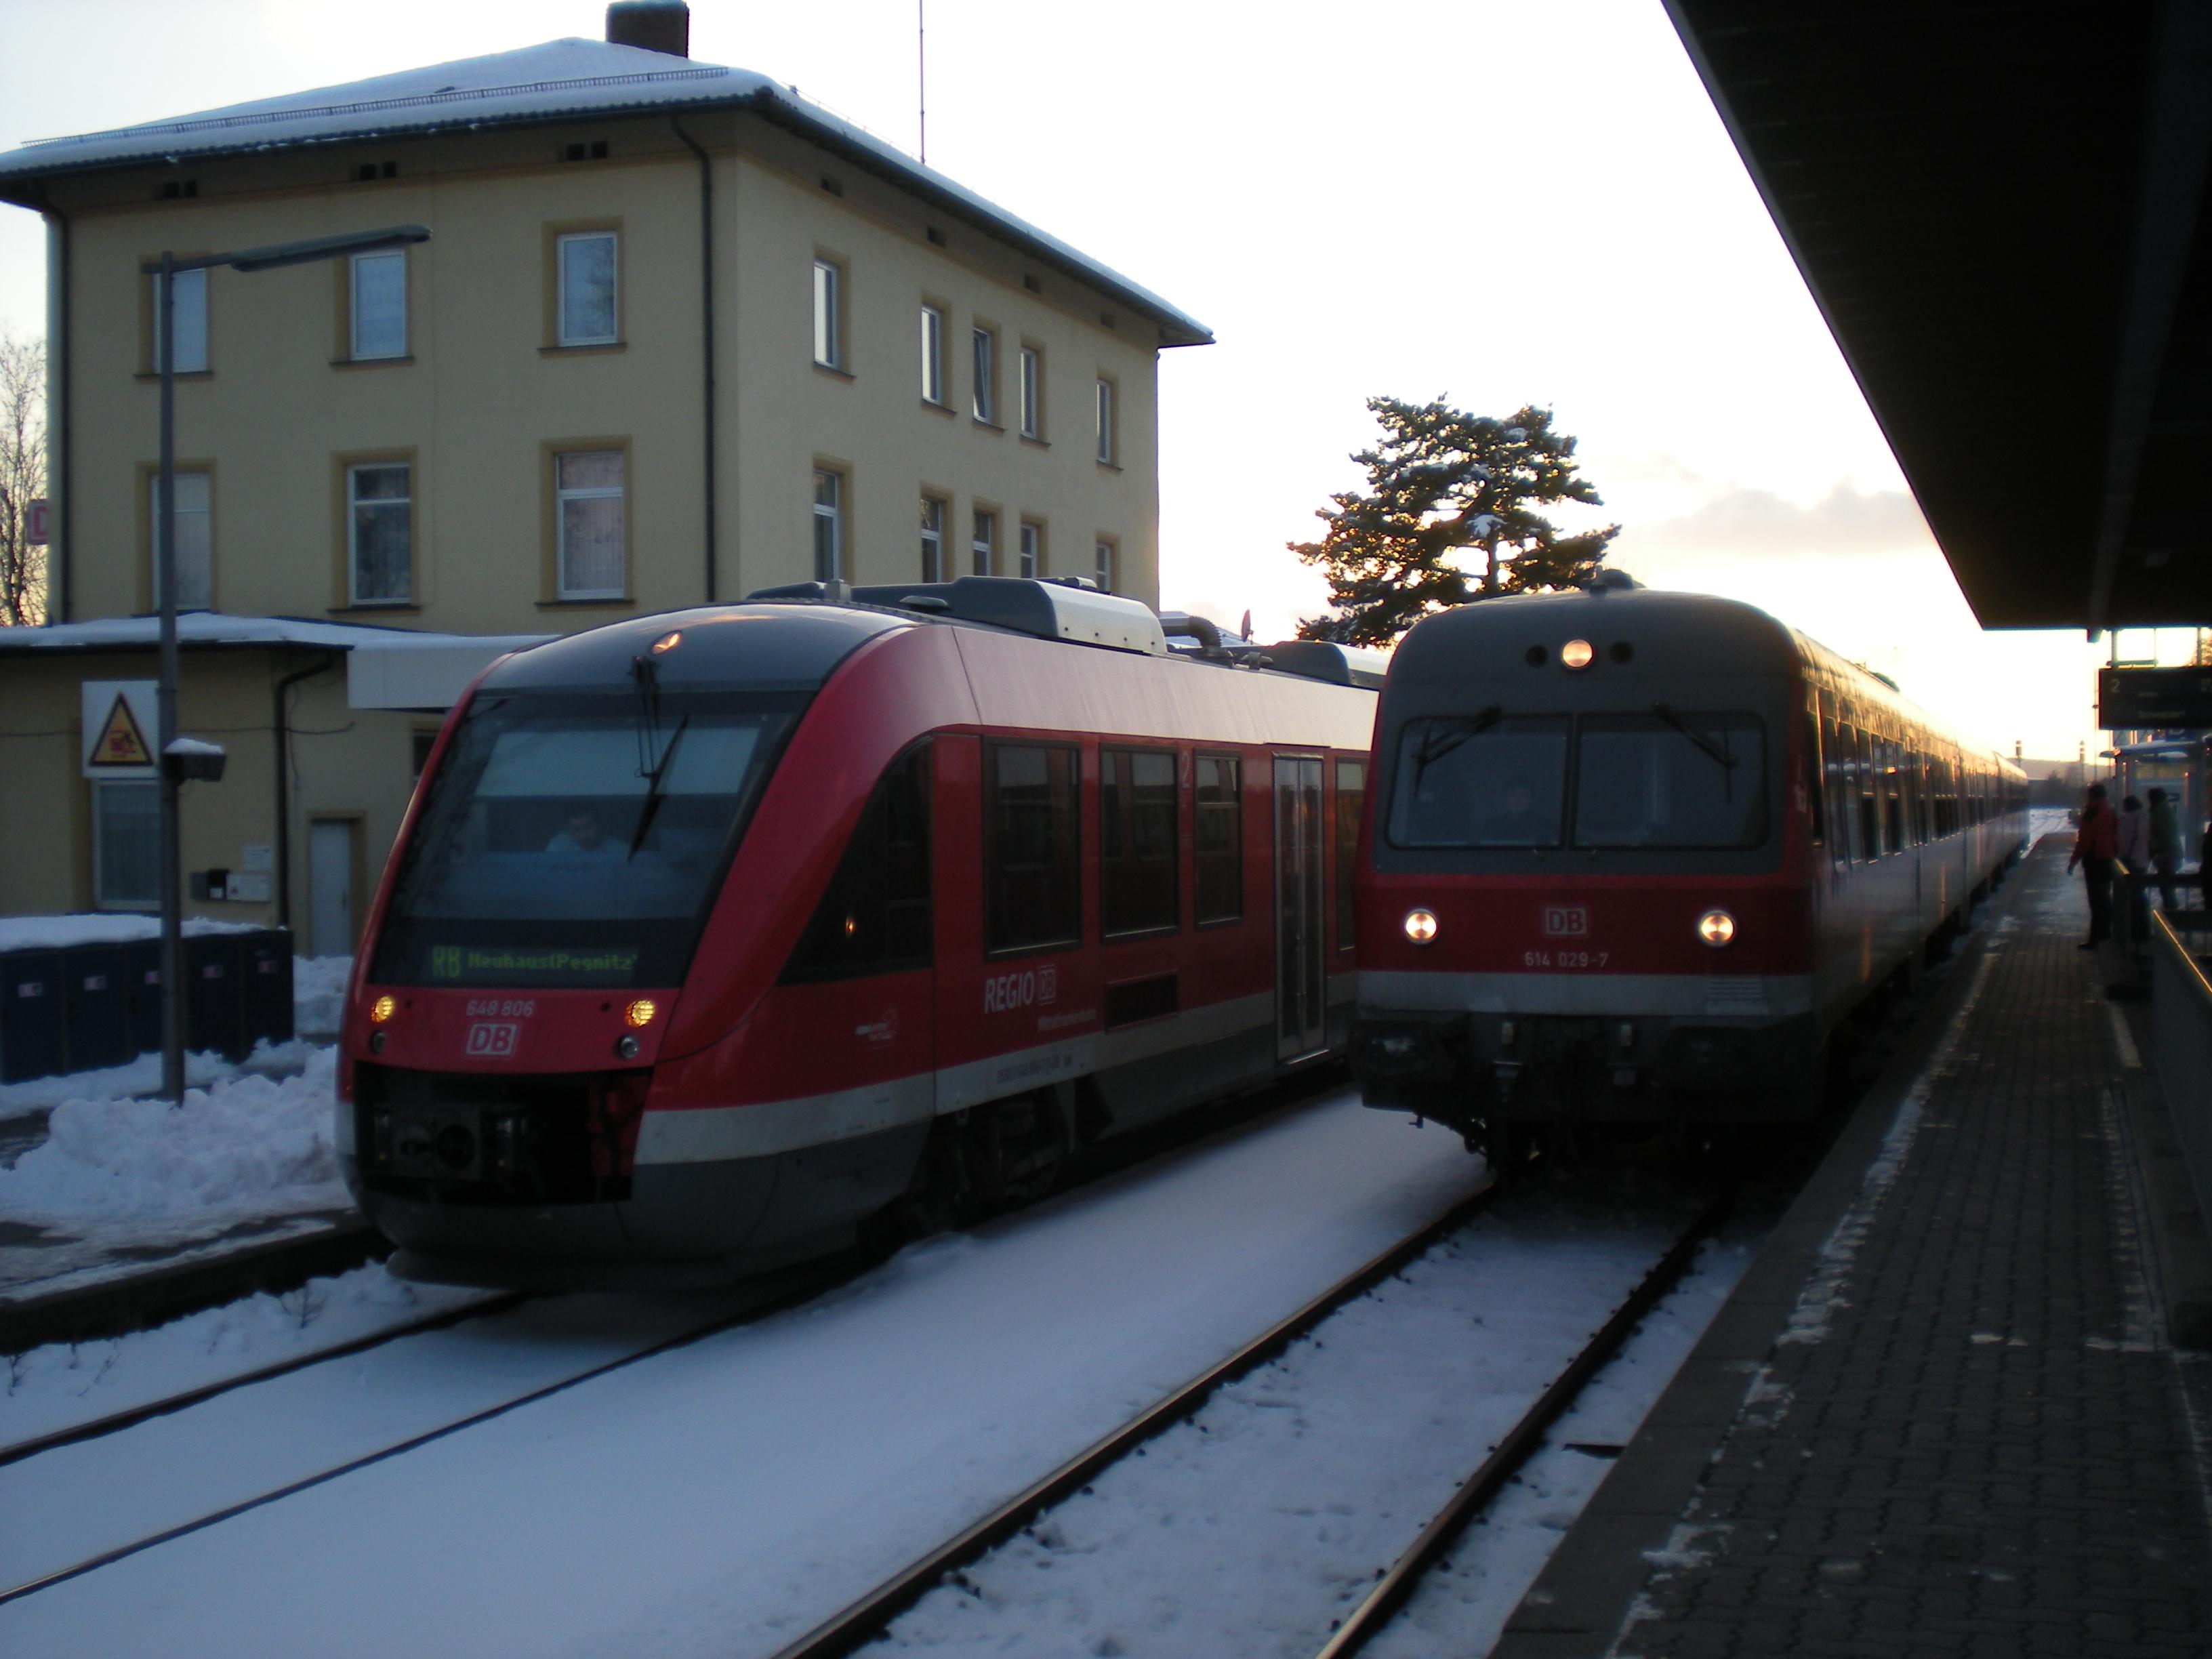 In: Hersbruck(rechts Pegnitz); Richtung linker Zug: RB Neuhaus(Pegnitz); Richtung rechter Zug: Schwandorf